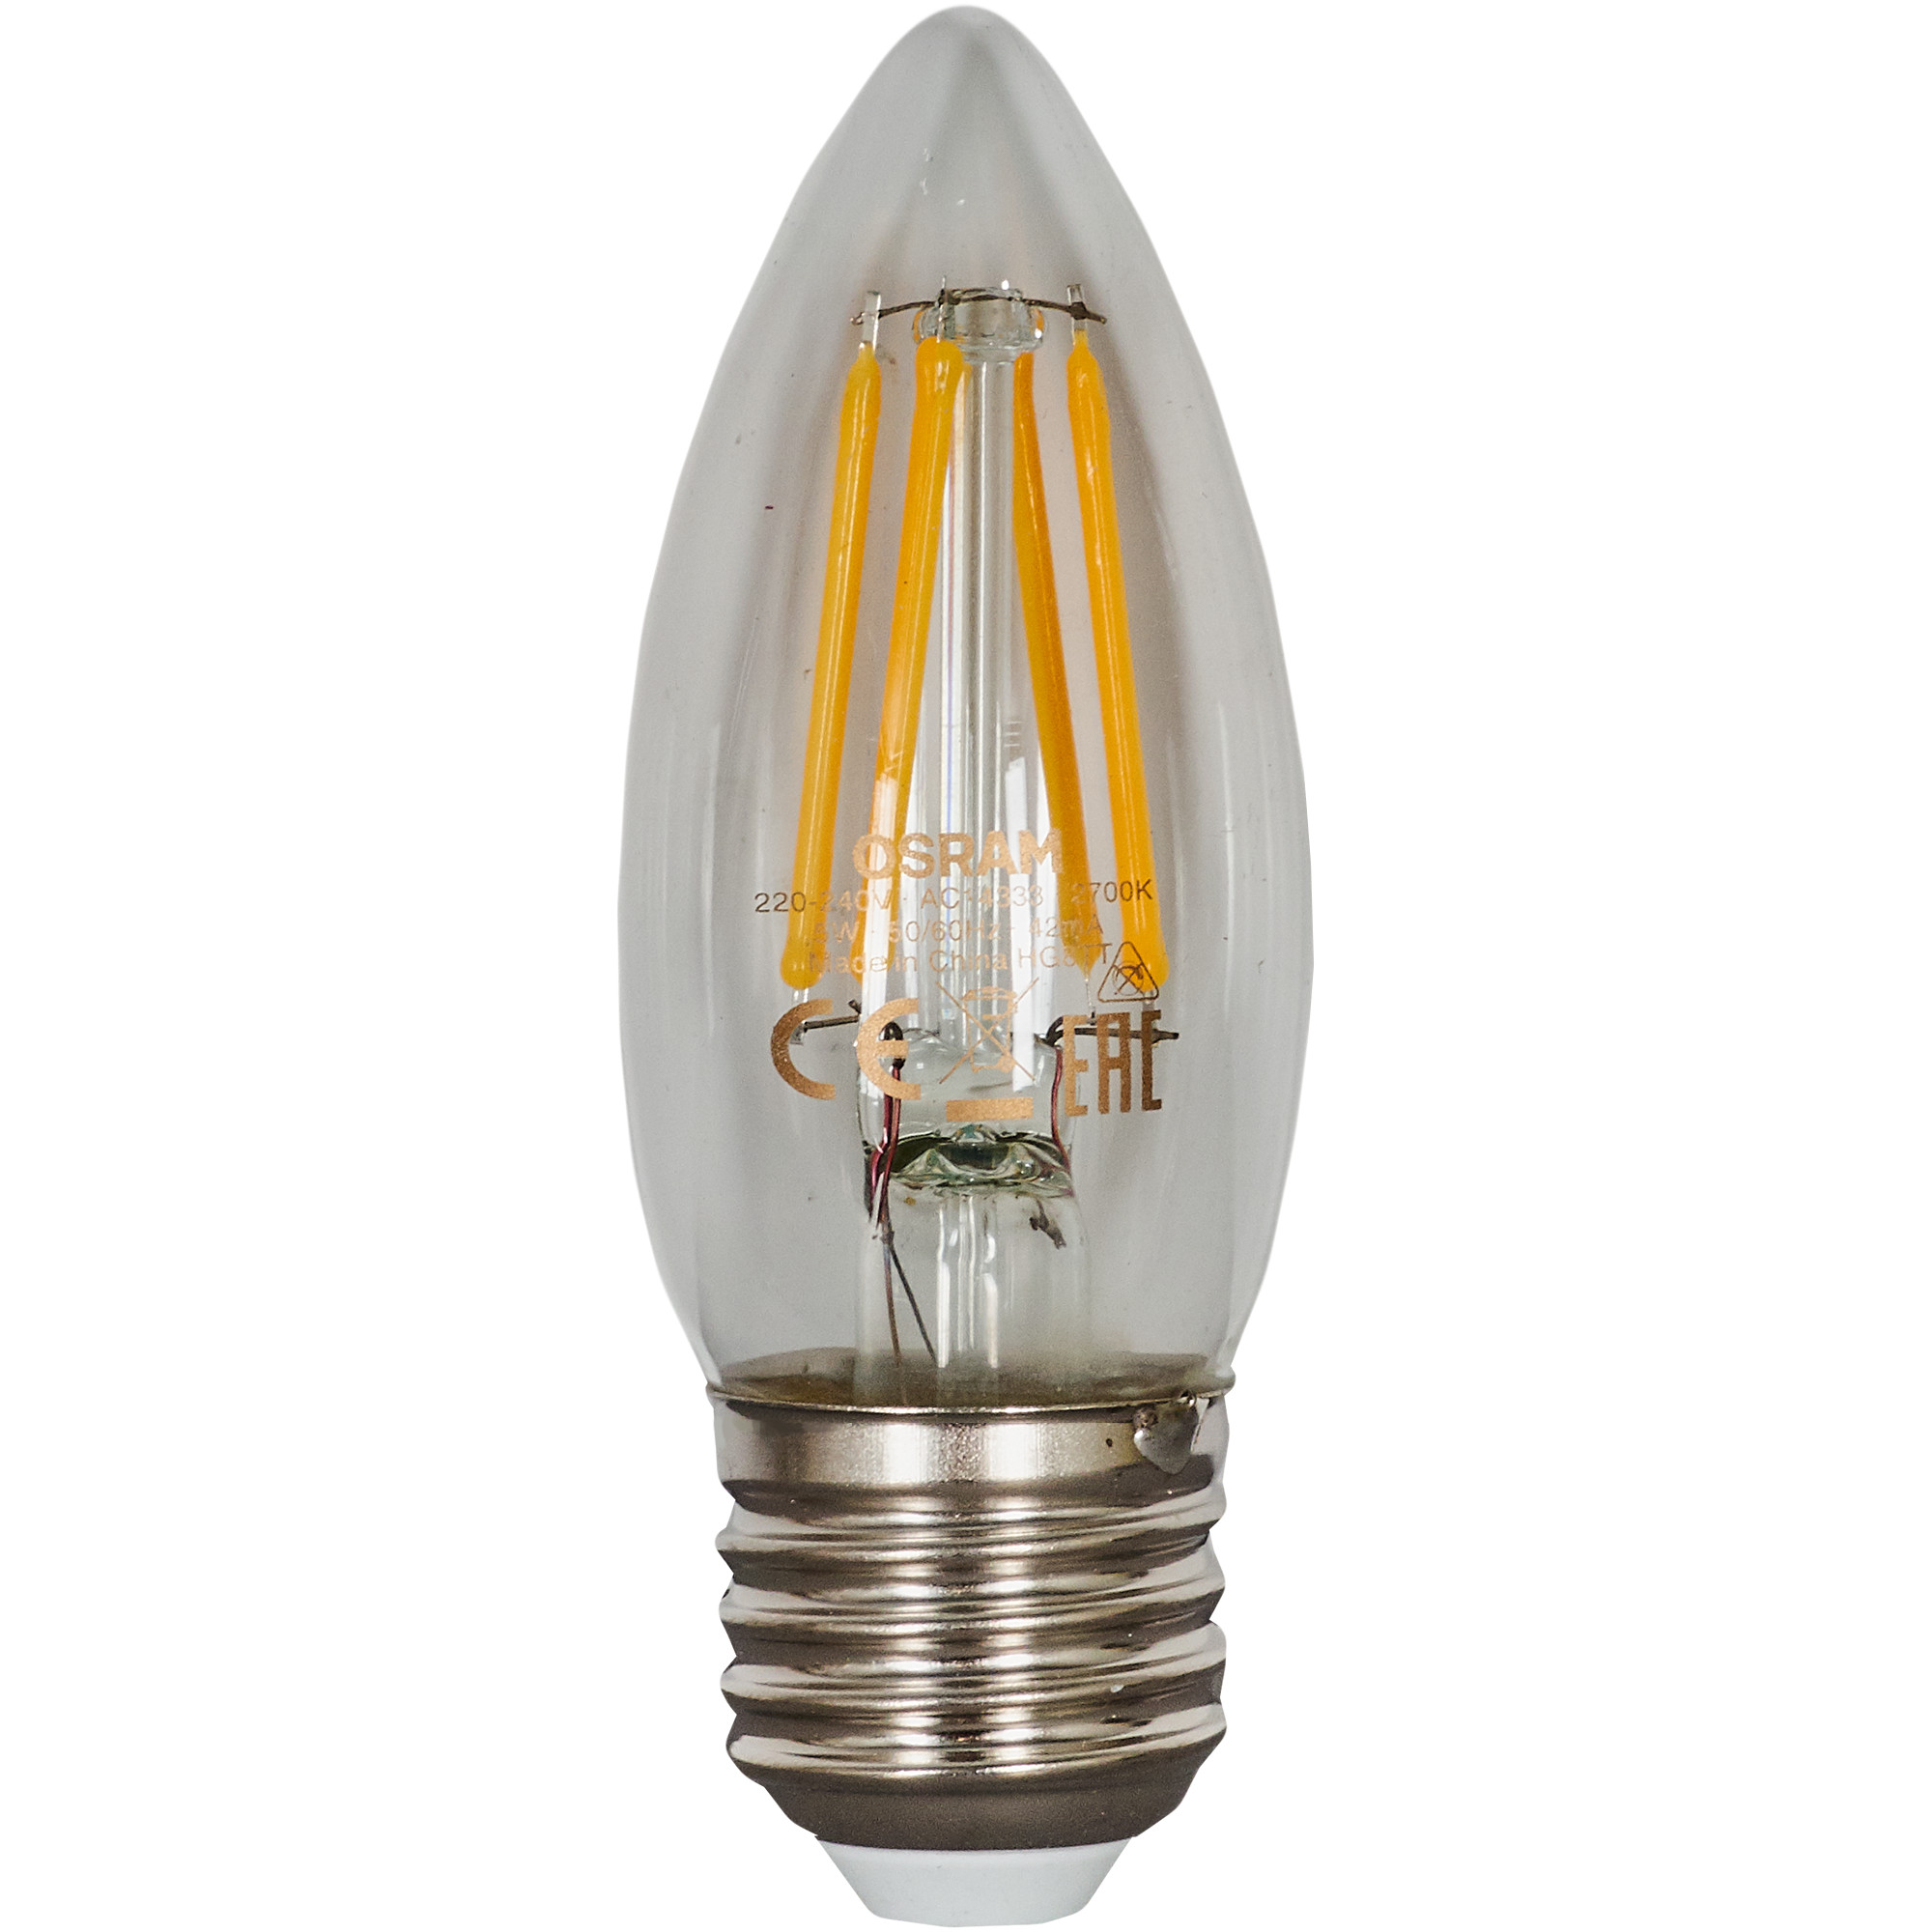 Лампа светодиодная Osram E27 220 В 5 Вт свеча прозрачная 660 лм тёплый белый свет